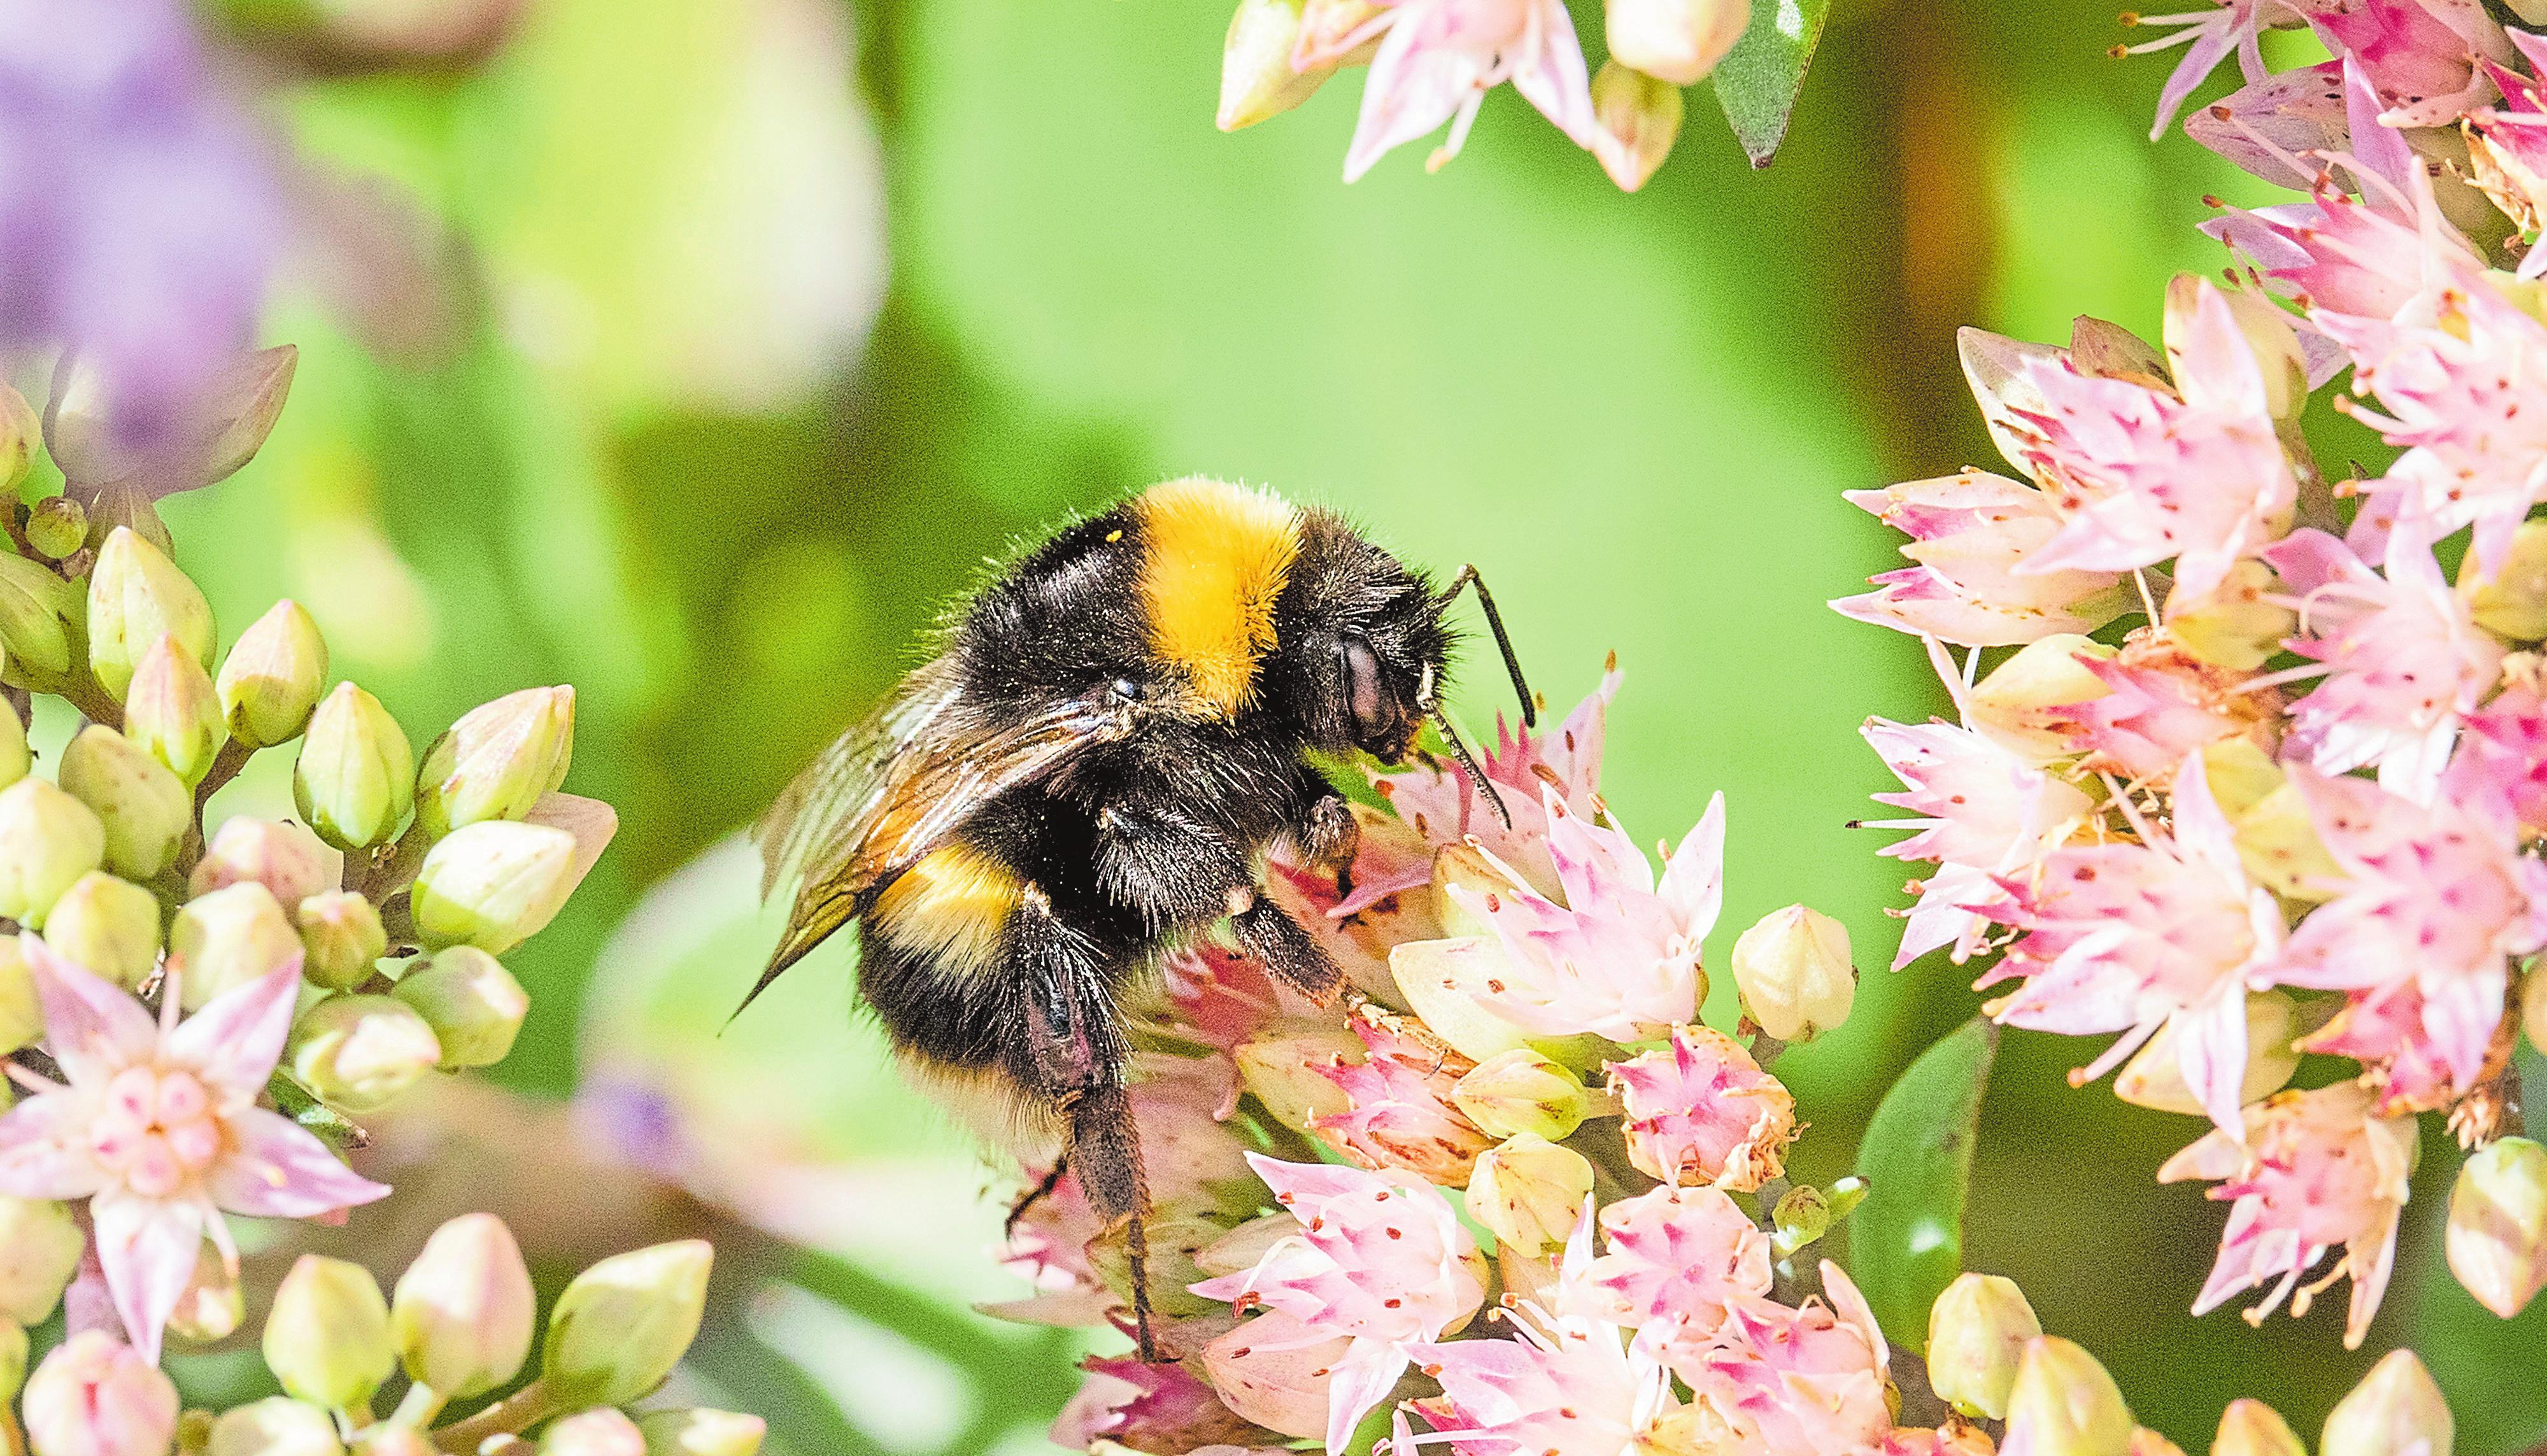 Neben dem Mangel an Nahrung werden den Bienen auch der Verlust von Nistplätzen und Rückzugsgebieten durch Biotopzerstörung sowie ein sorgloser Umgang mit Pestiziden zum Verhängnis. Fotos: Steve Eastwood